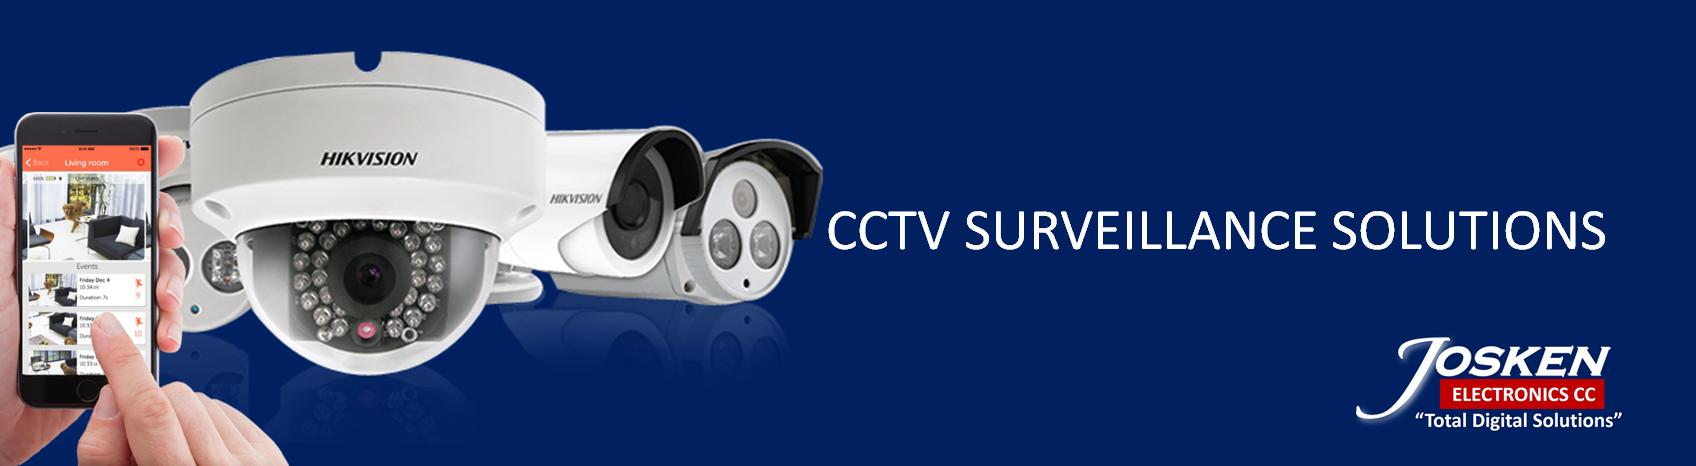 CCTV SURVEILLANCE BANNER